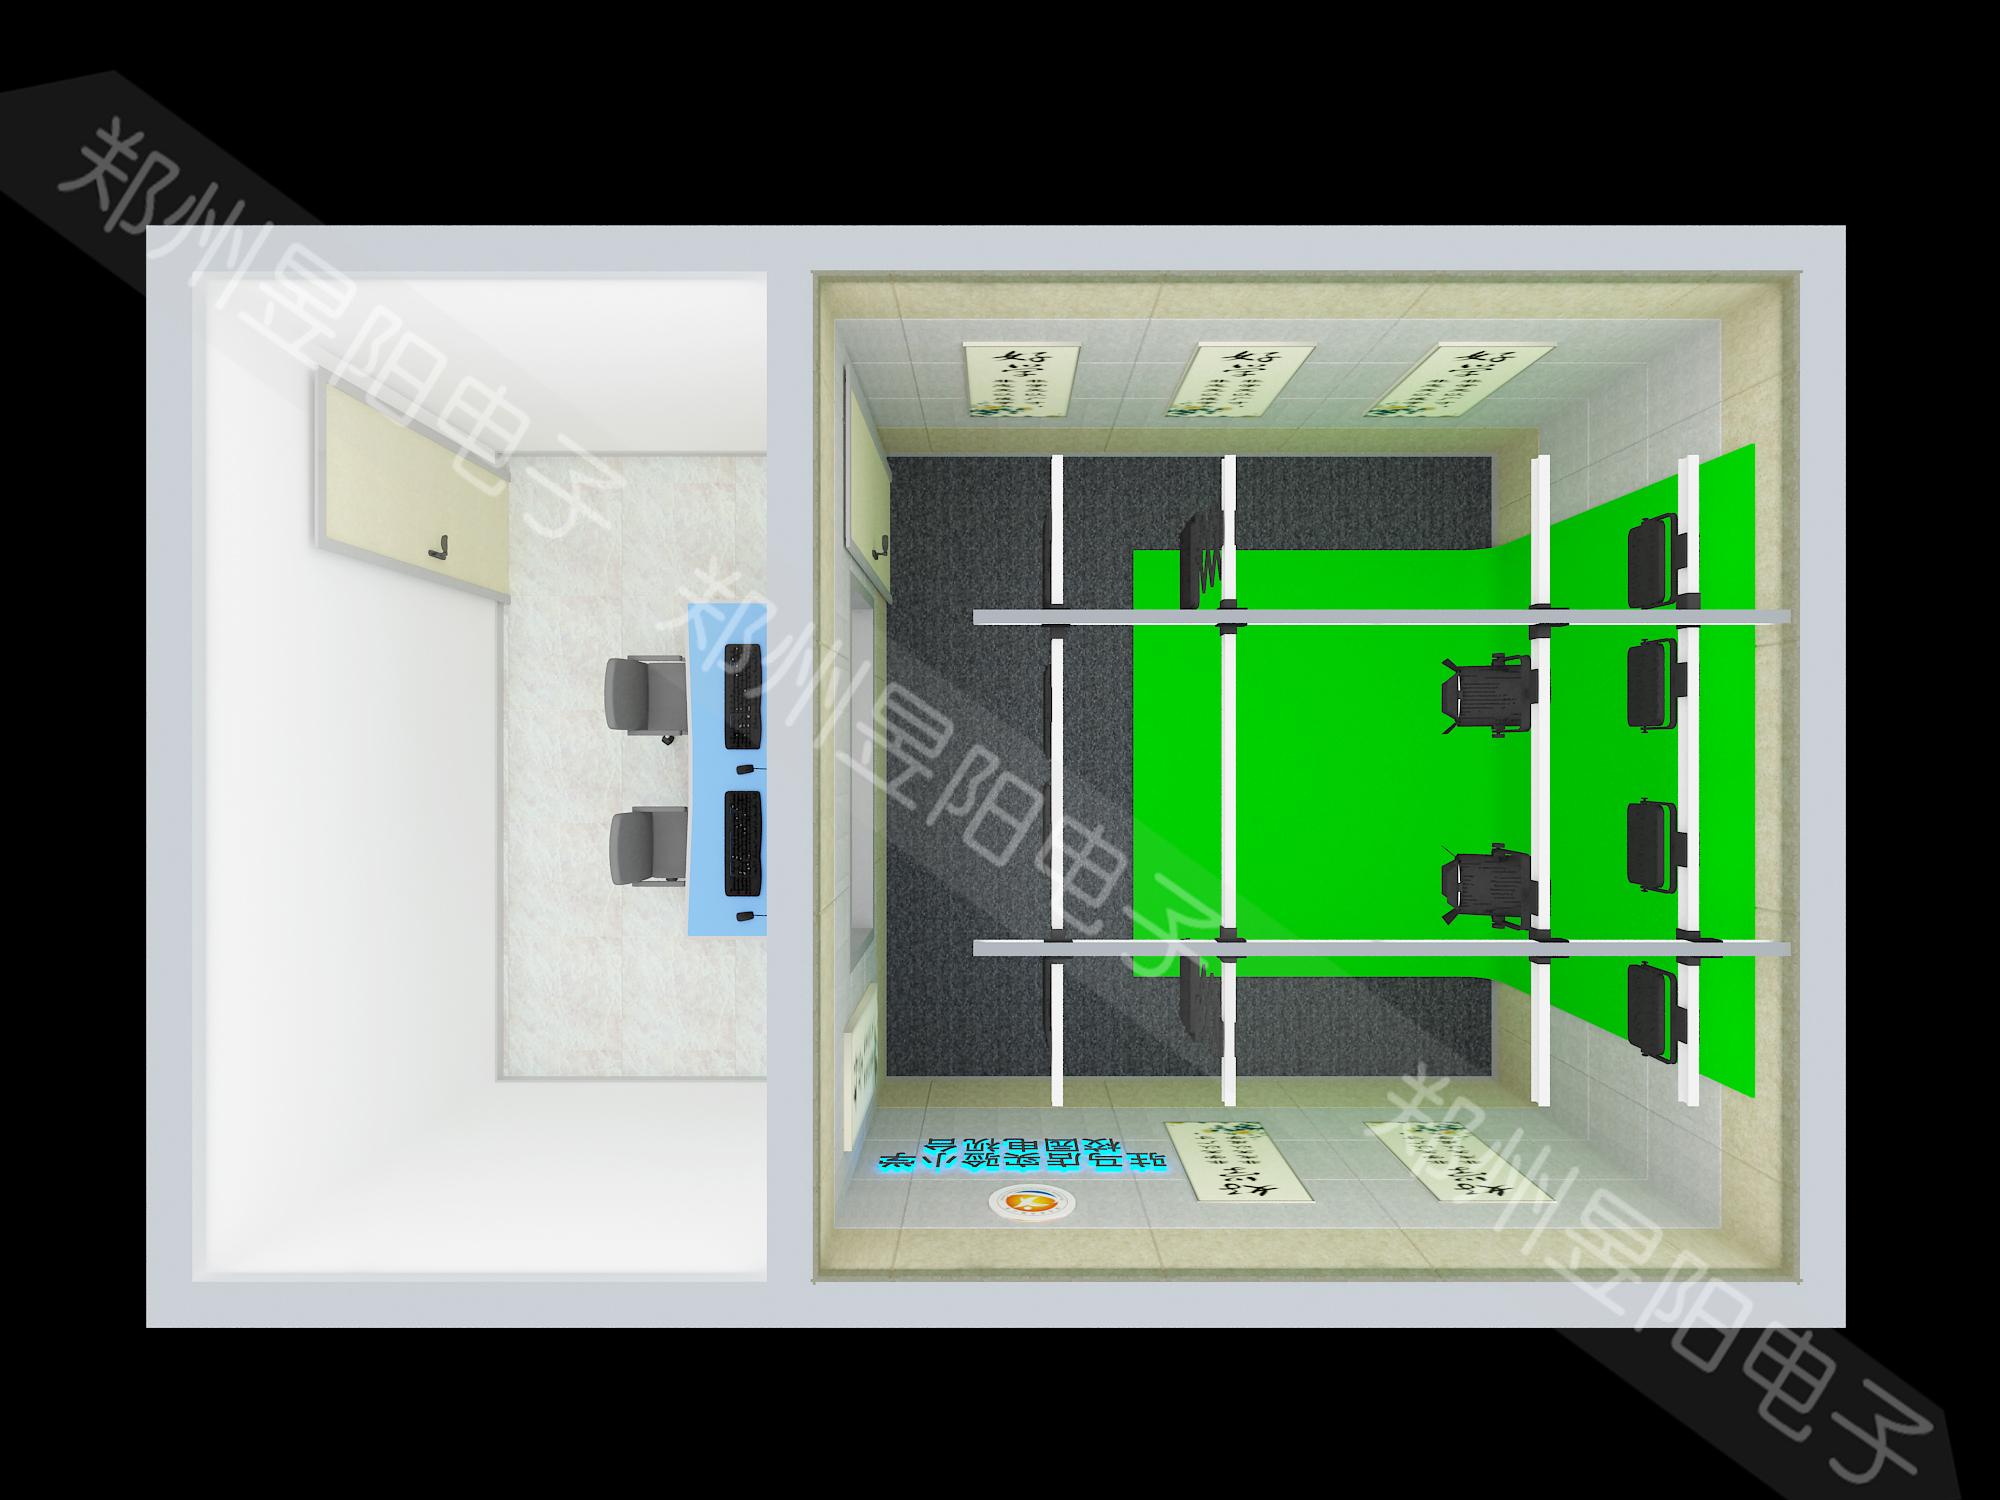 3D虚拟情景课件录制系统(图1)